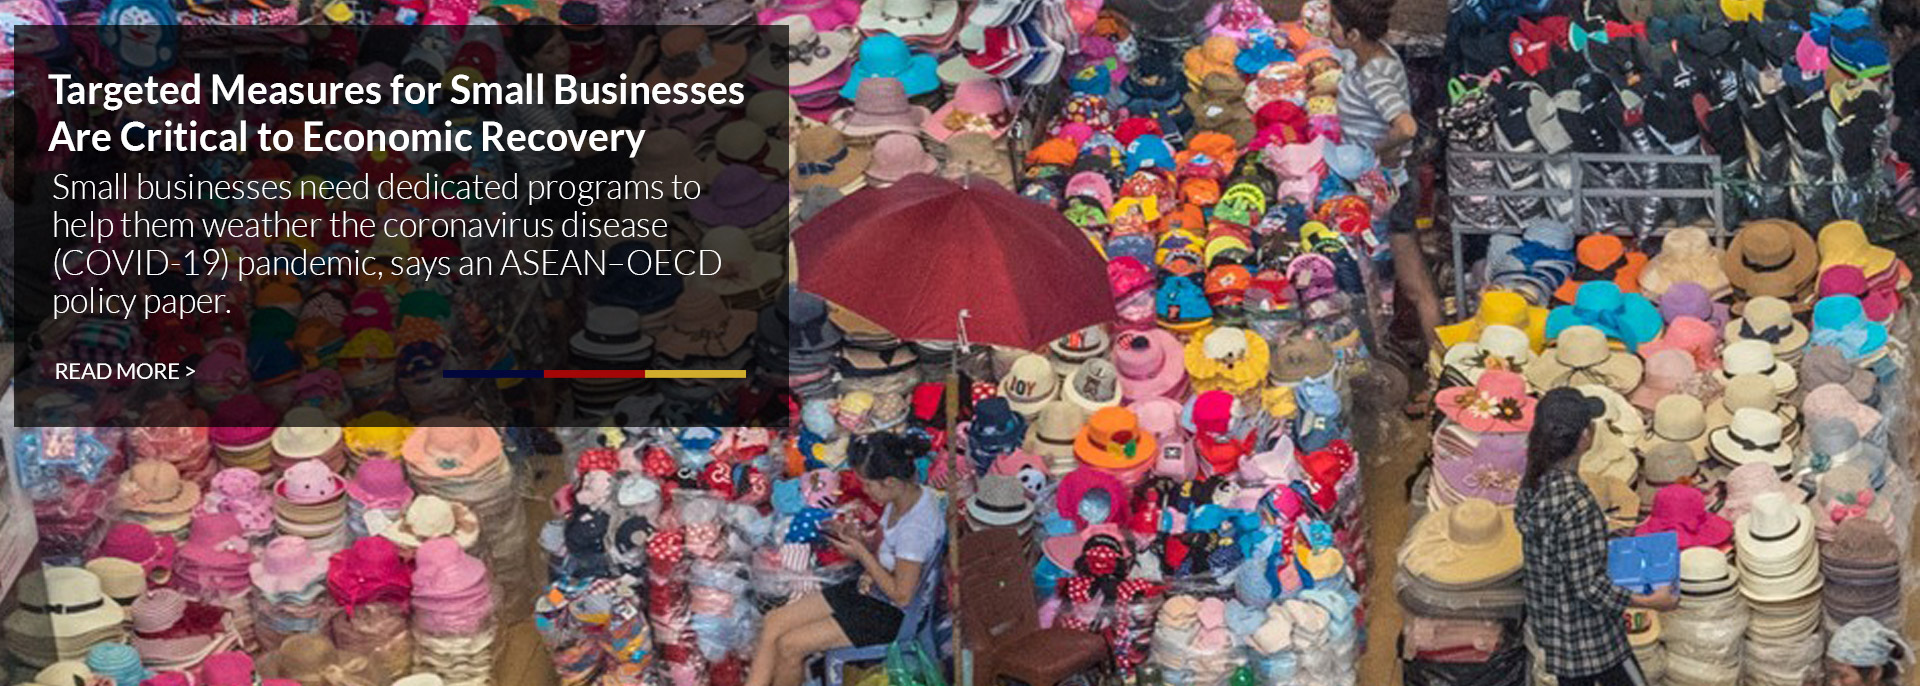 Bazaar stalls selling goods